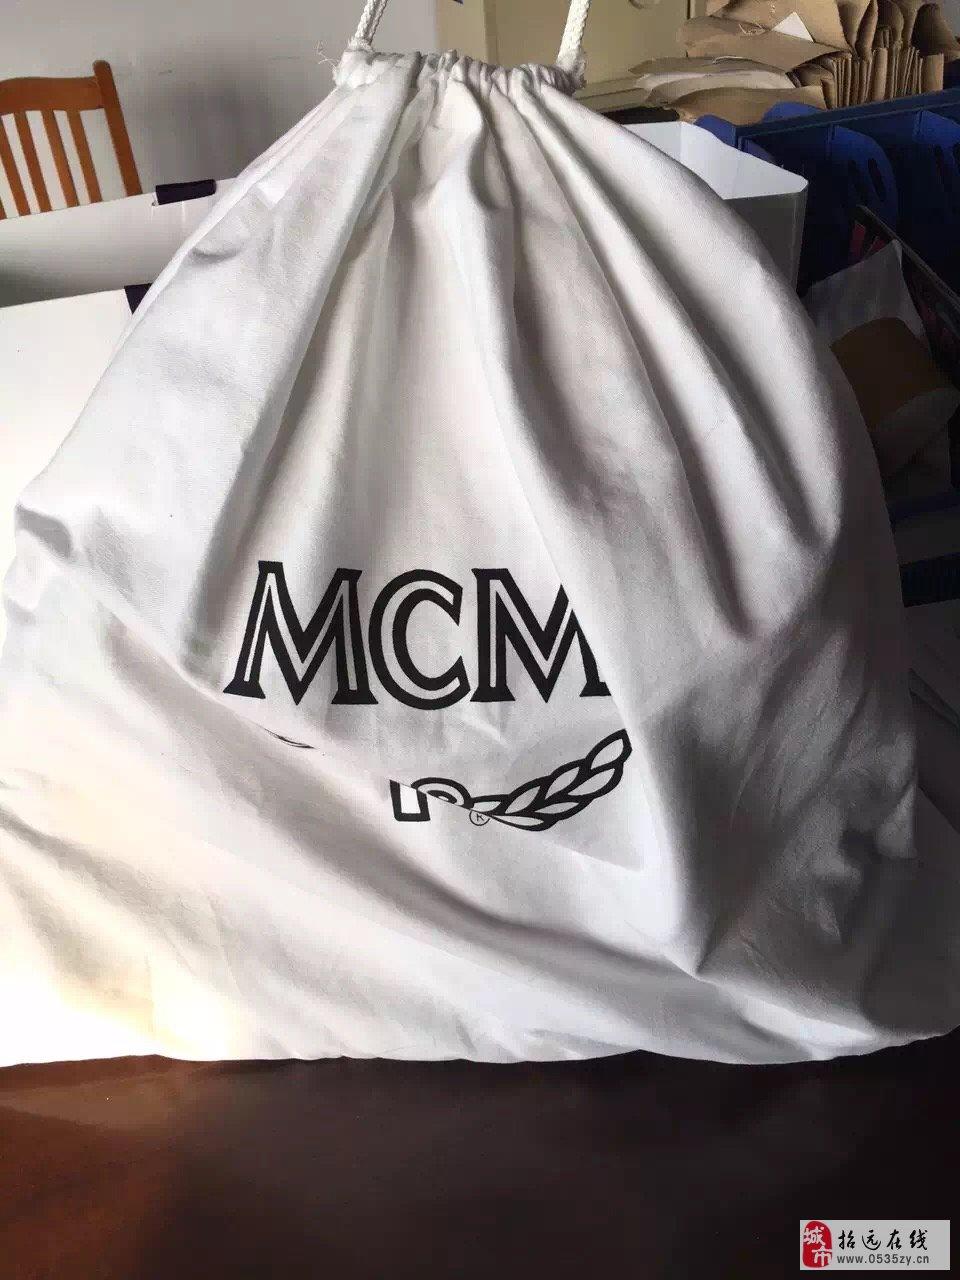 招远MCM双肩包铆钉经典款出售